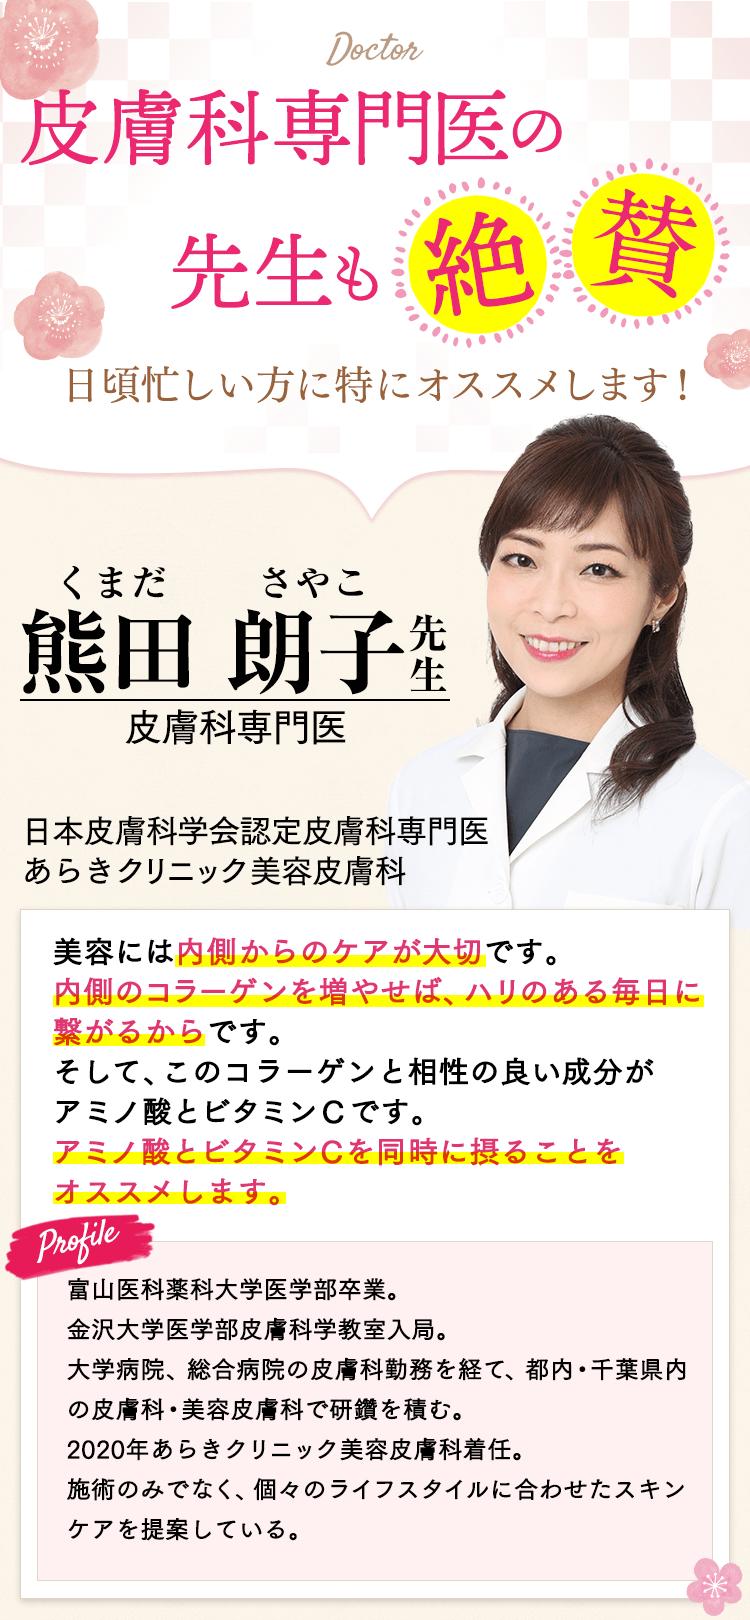 皮膚専門医熊田朗子先生も絶賛